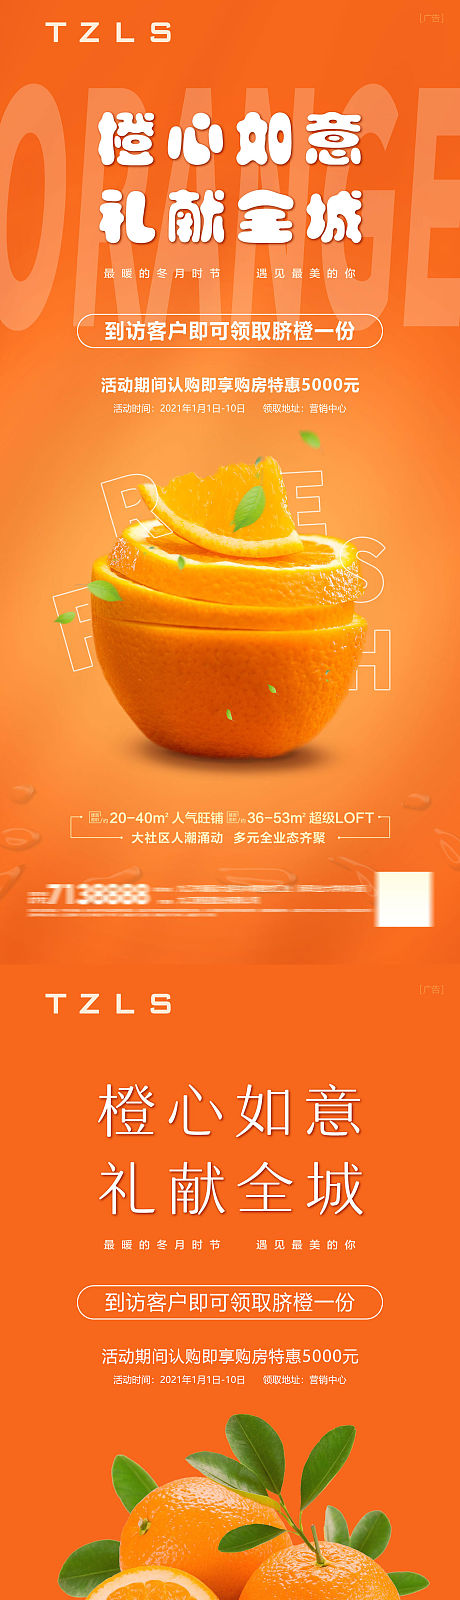 送橙子活动转发图